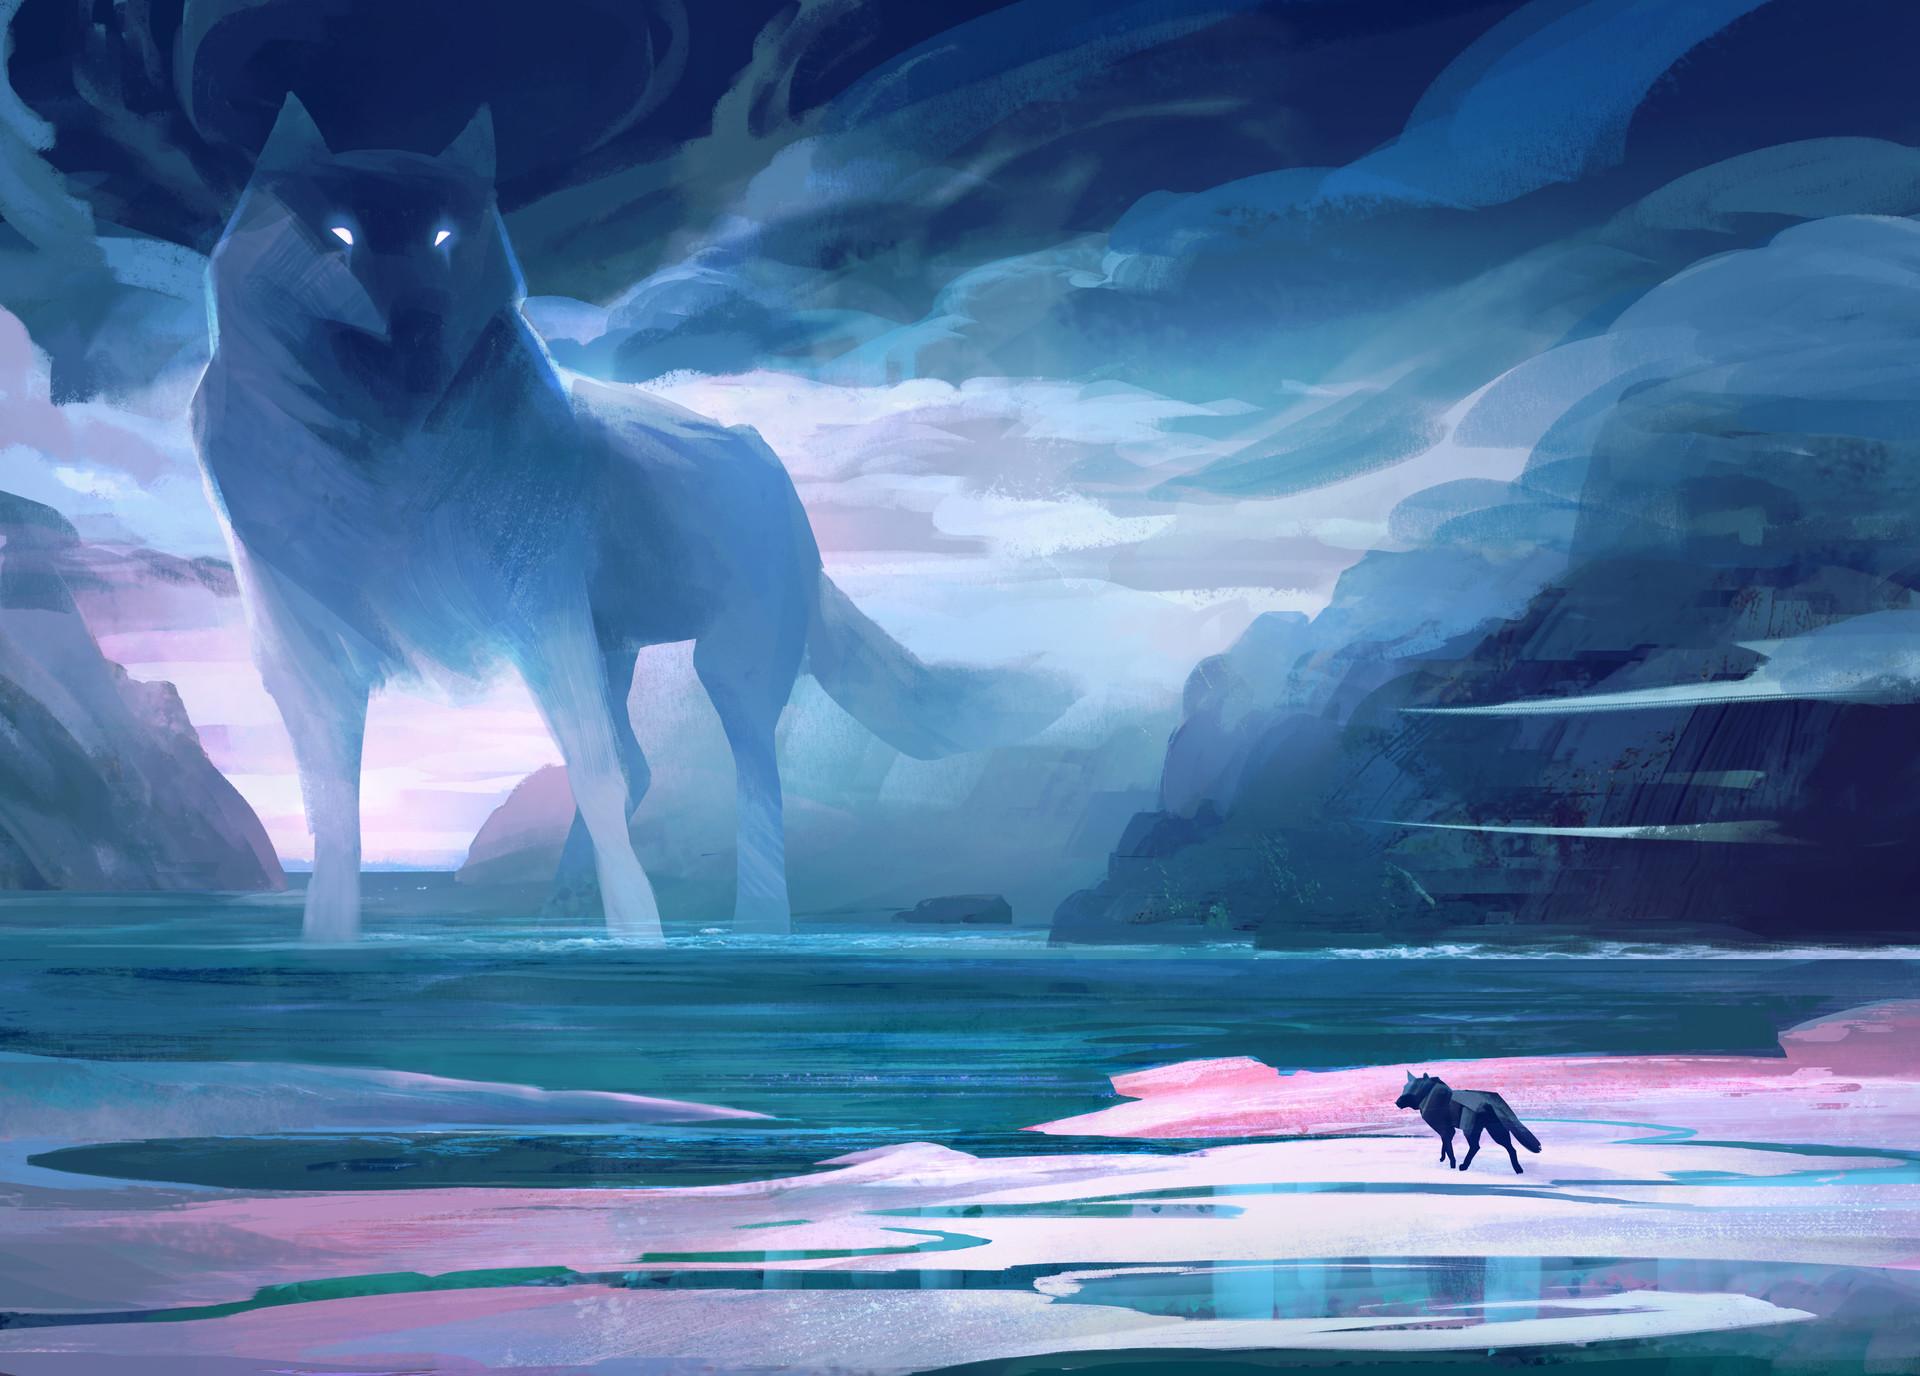 kate-pfeilschiefter-seawolf-5-13-16.jpg